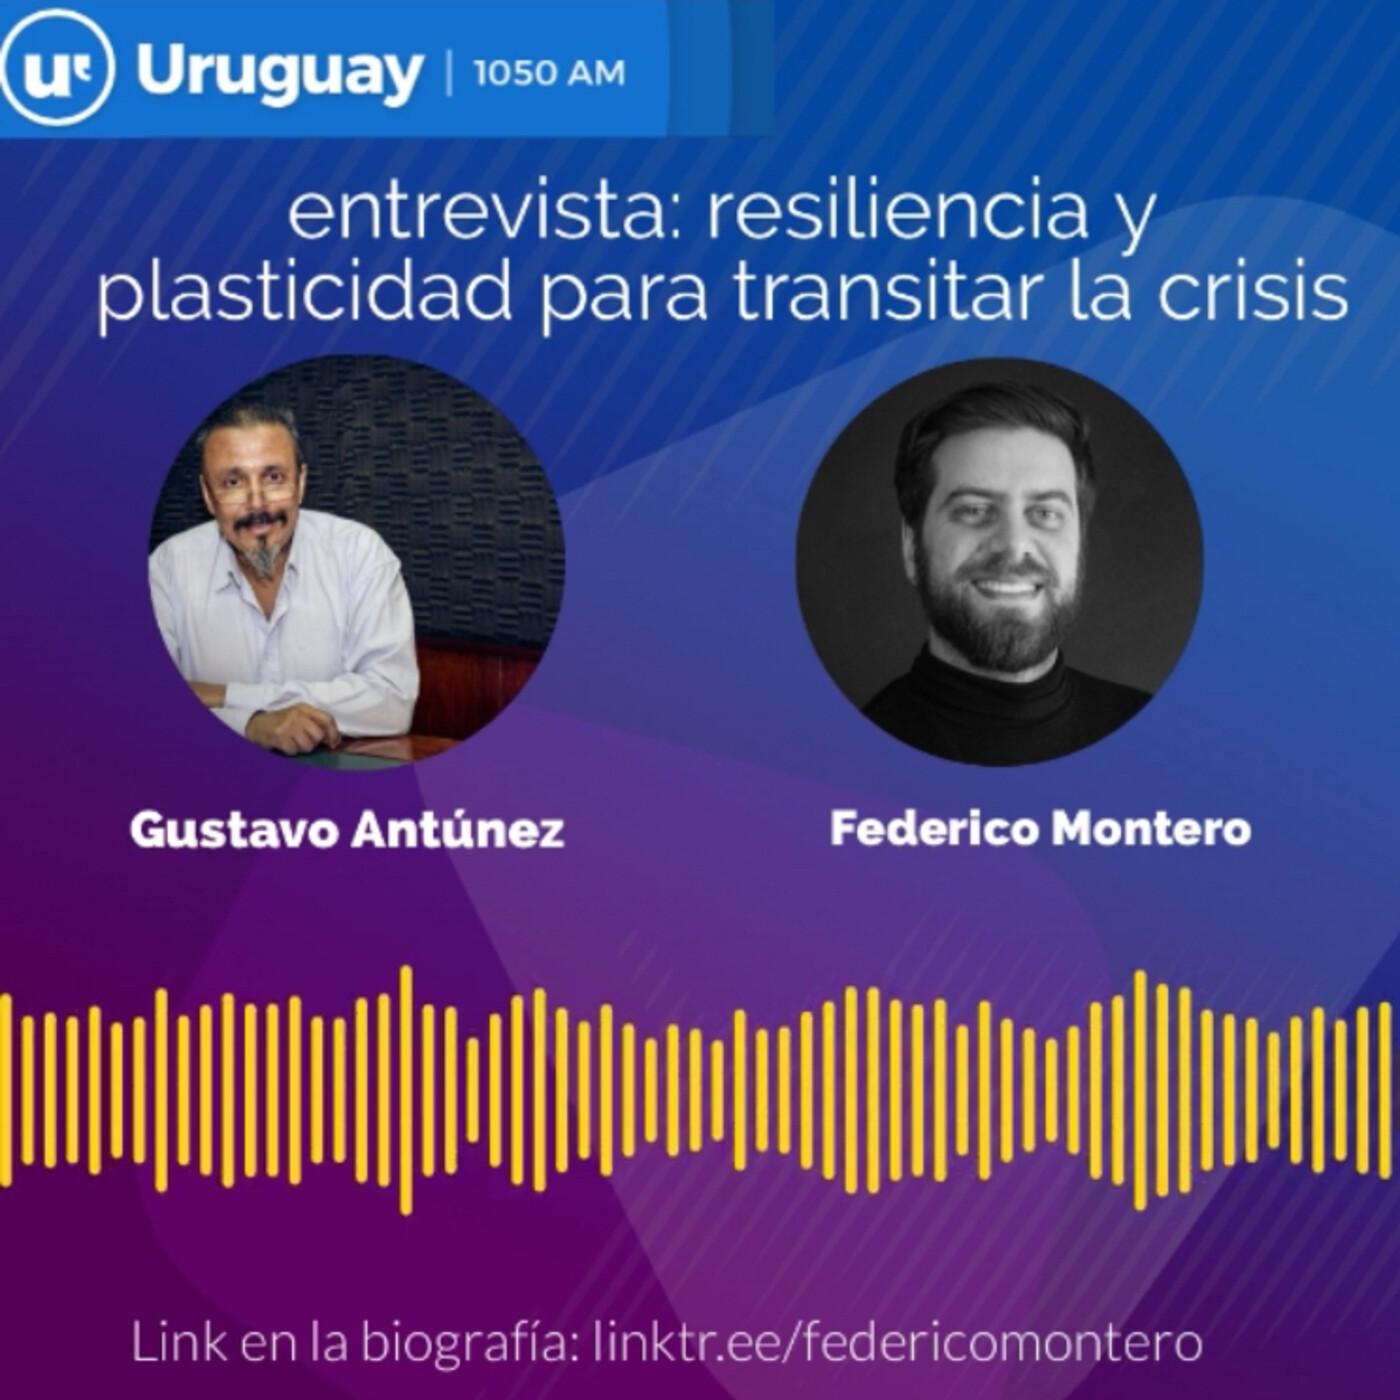 Resiliencia y plasticidad para transitar la crisis: entrevista en Radio Uruguay 7-10-20